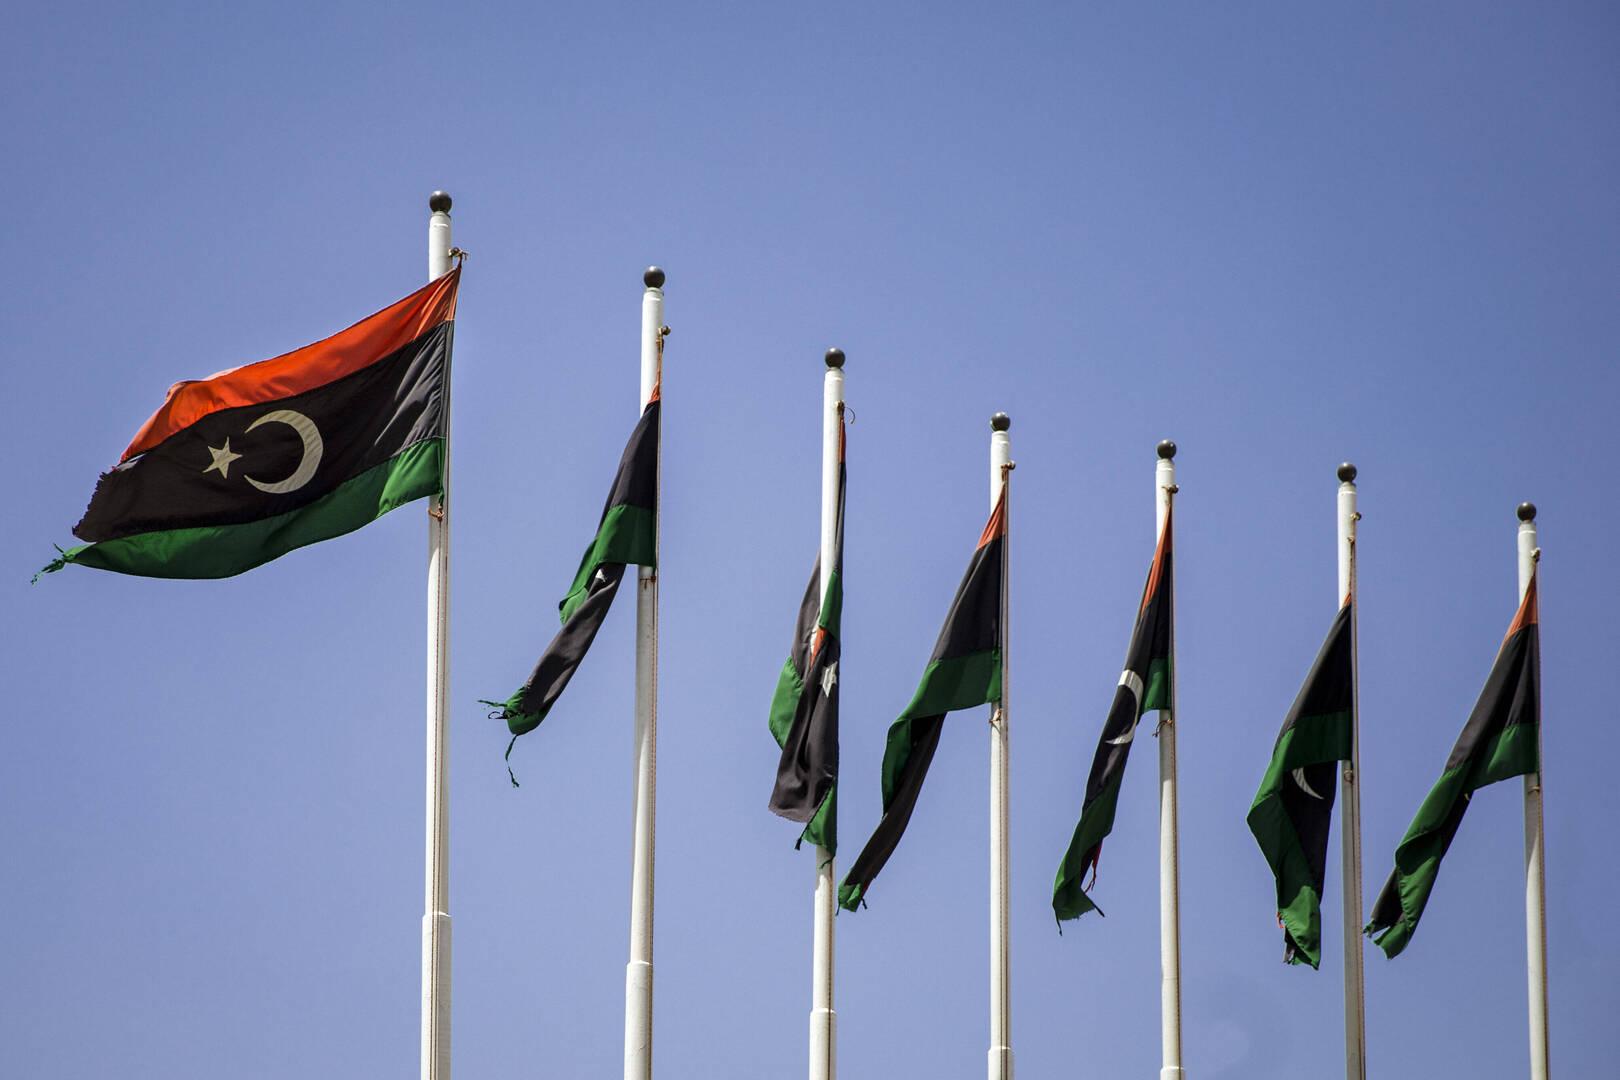 المجلس الرئاسي الليبي يشيد بدور مصر الداعم للتسوية السياسية في البلاد